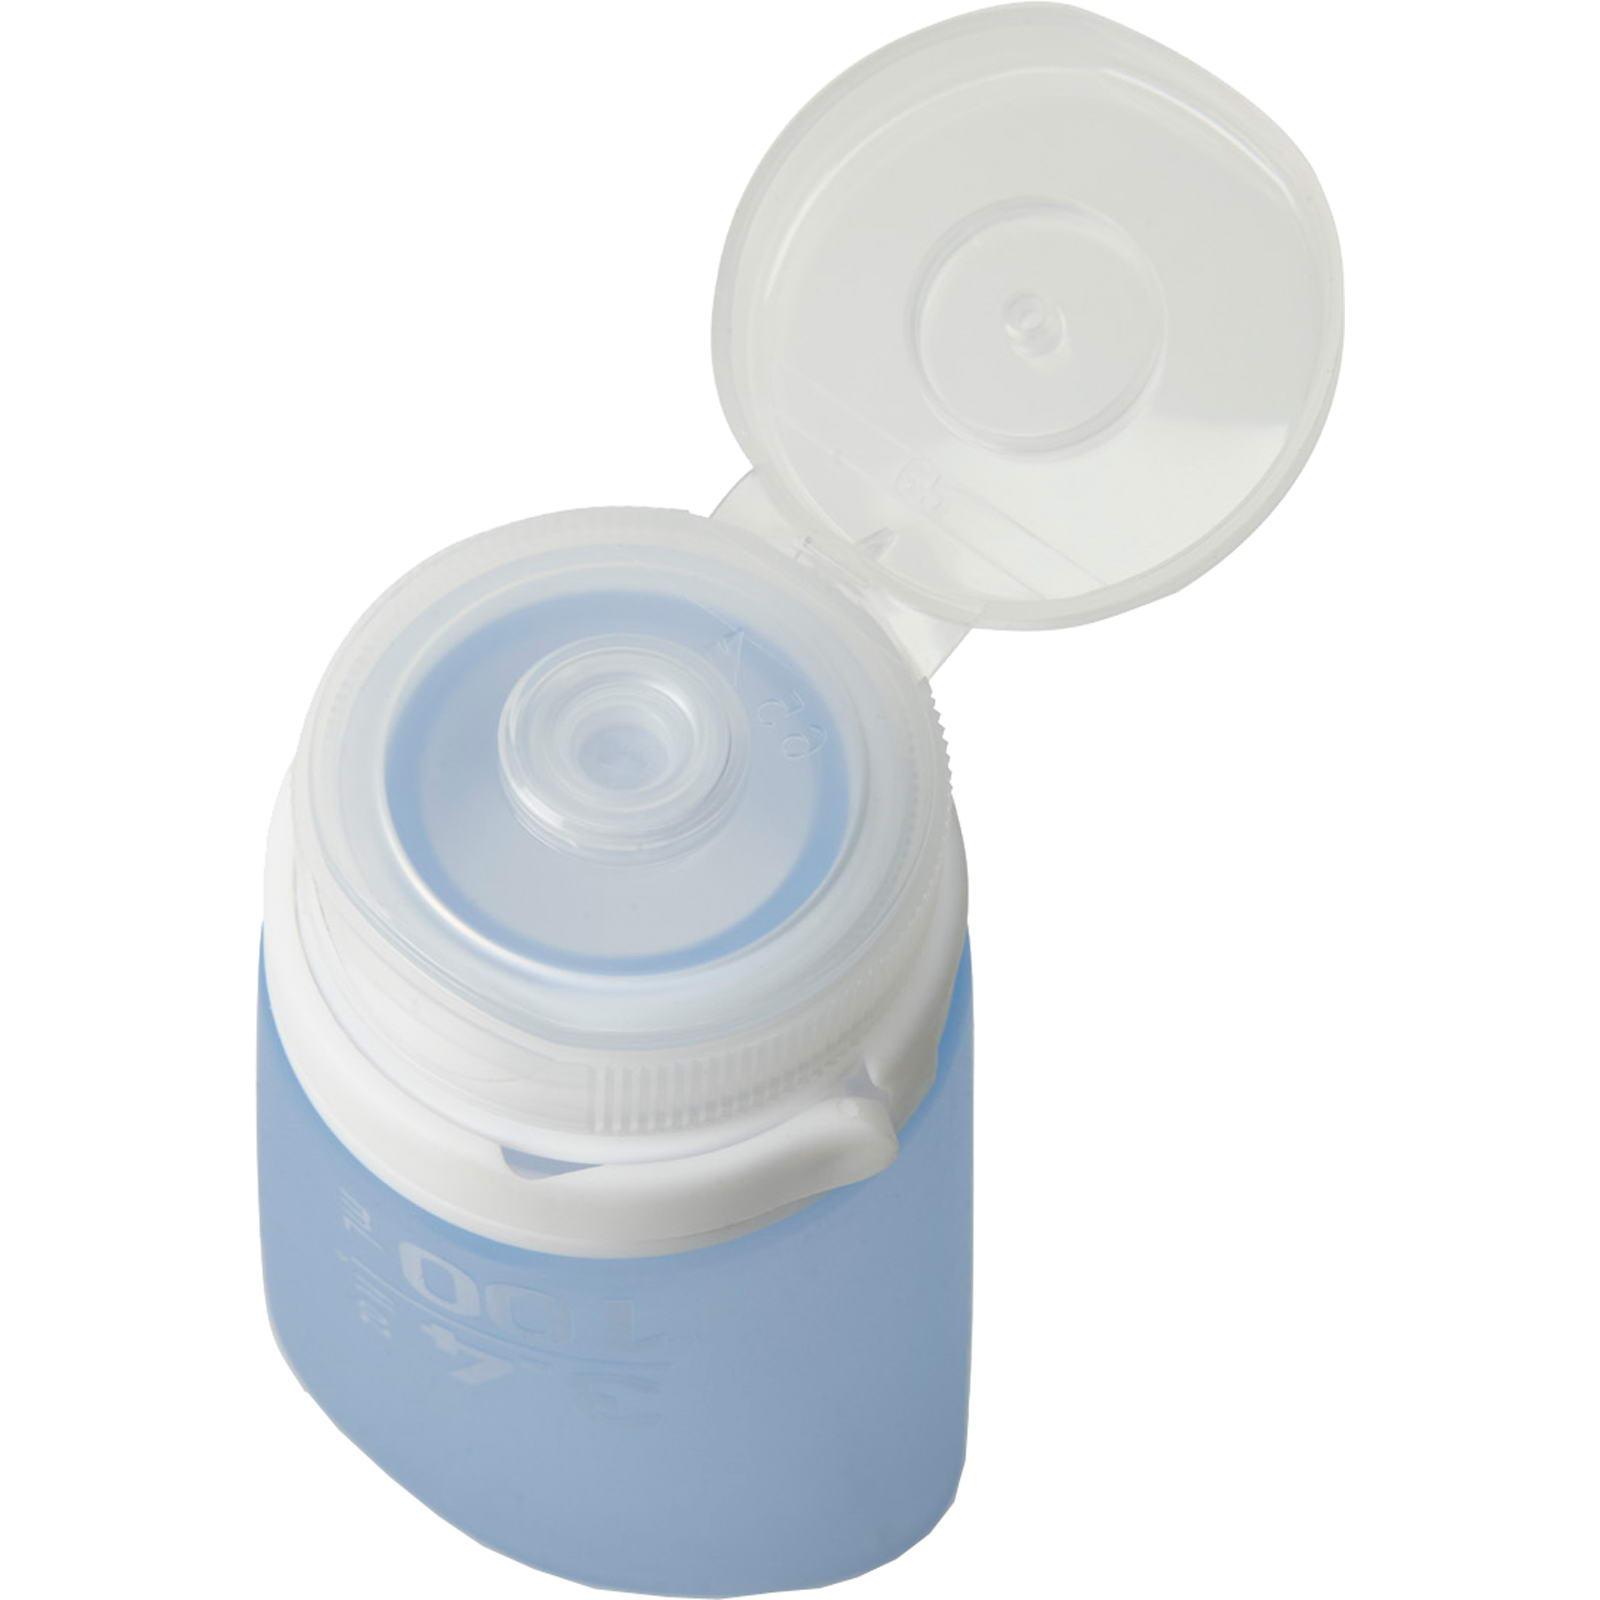 humangear GoToob 3er Pack - 3 x 53 ml Tube - Bild 5